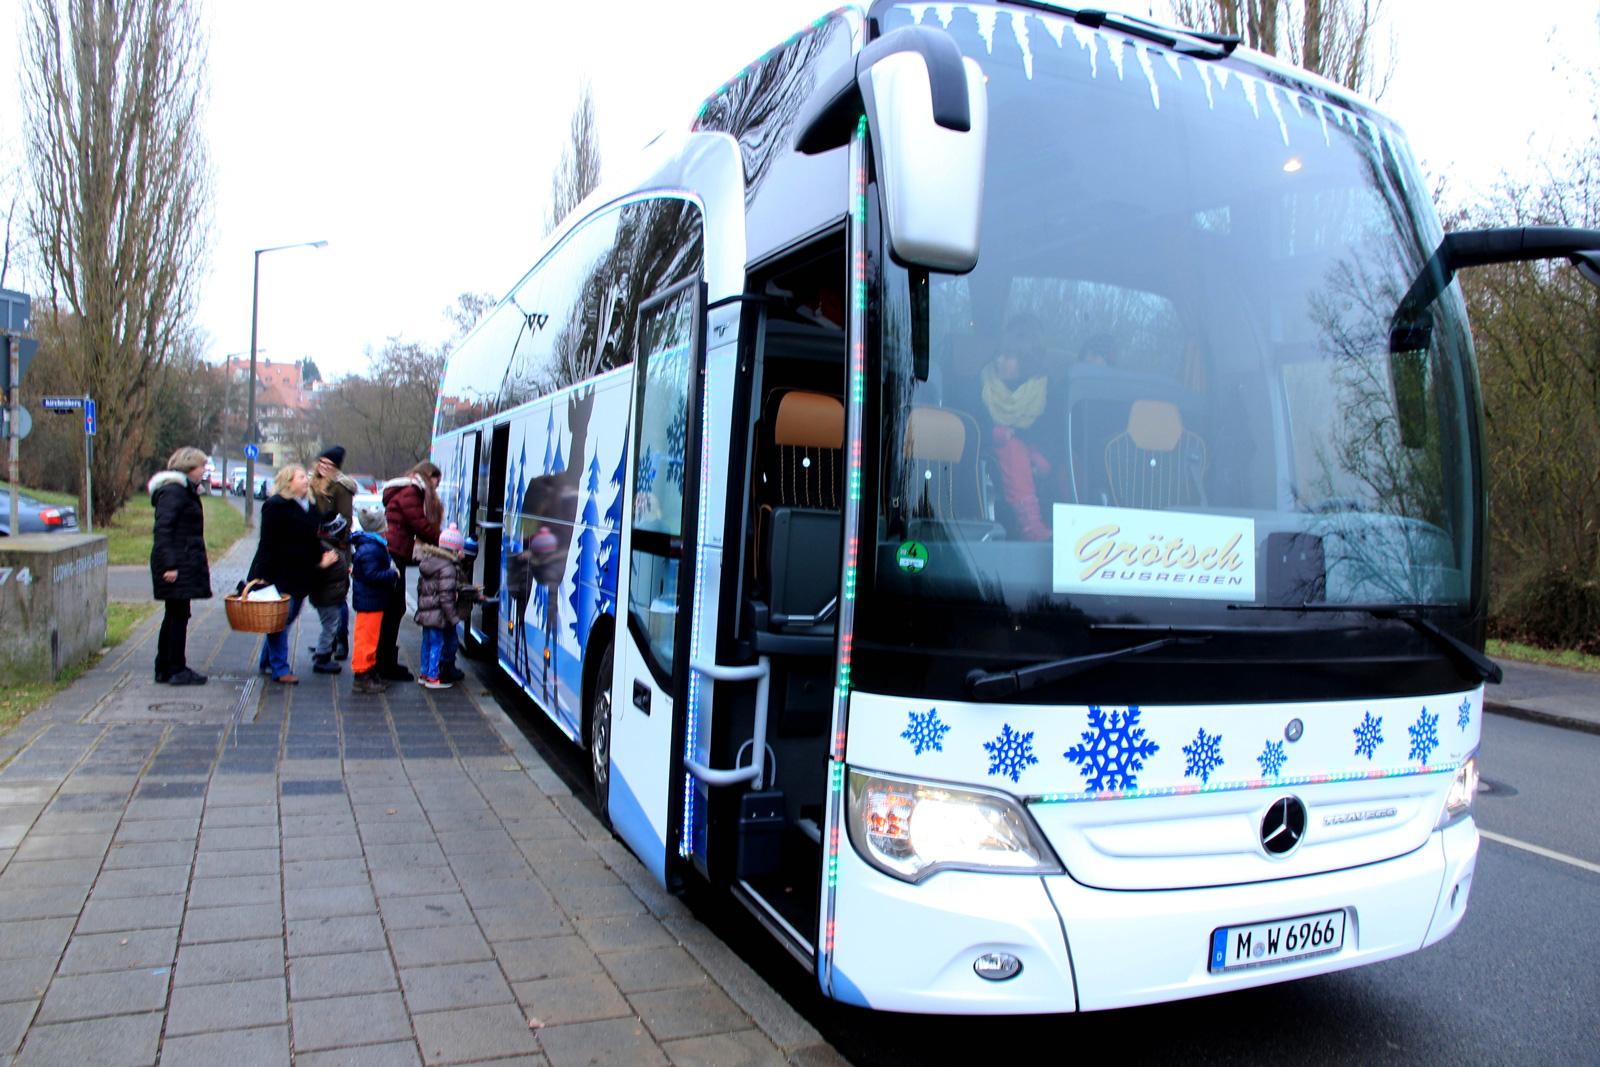 Grötsch-Reisen spannte seine Rentiere ein: Die Kinder waren vom leuchtenden Bus im Weihnachtsdesign begeistert.